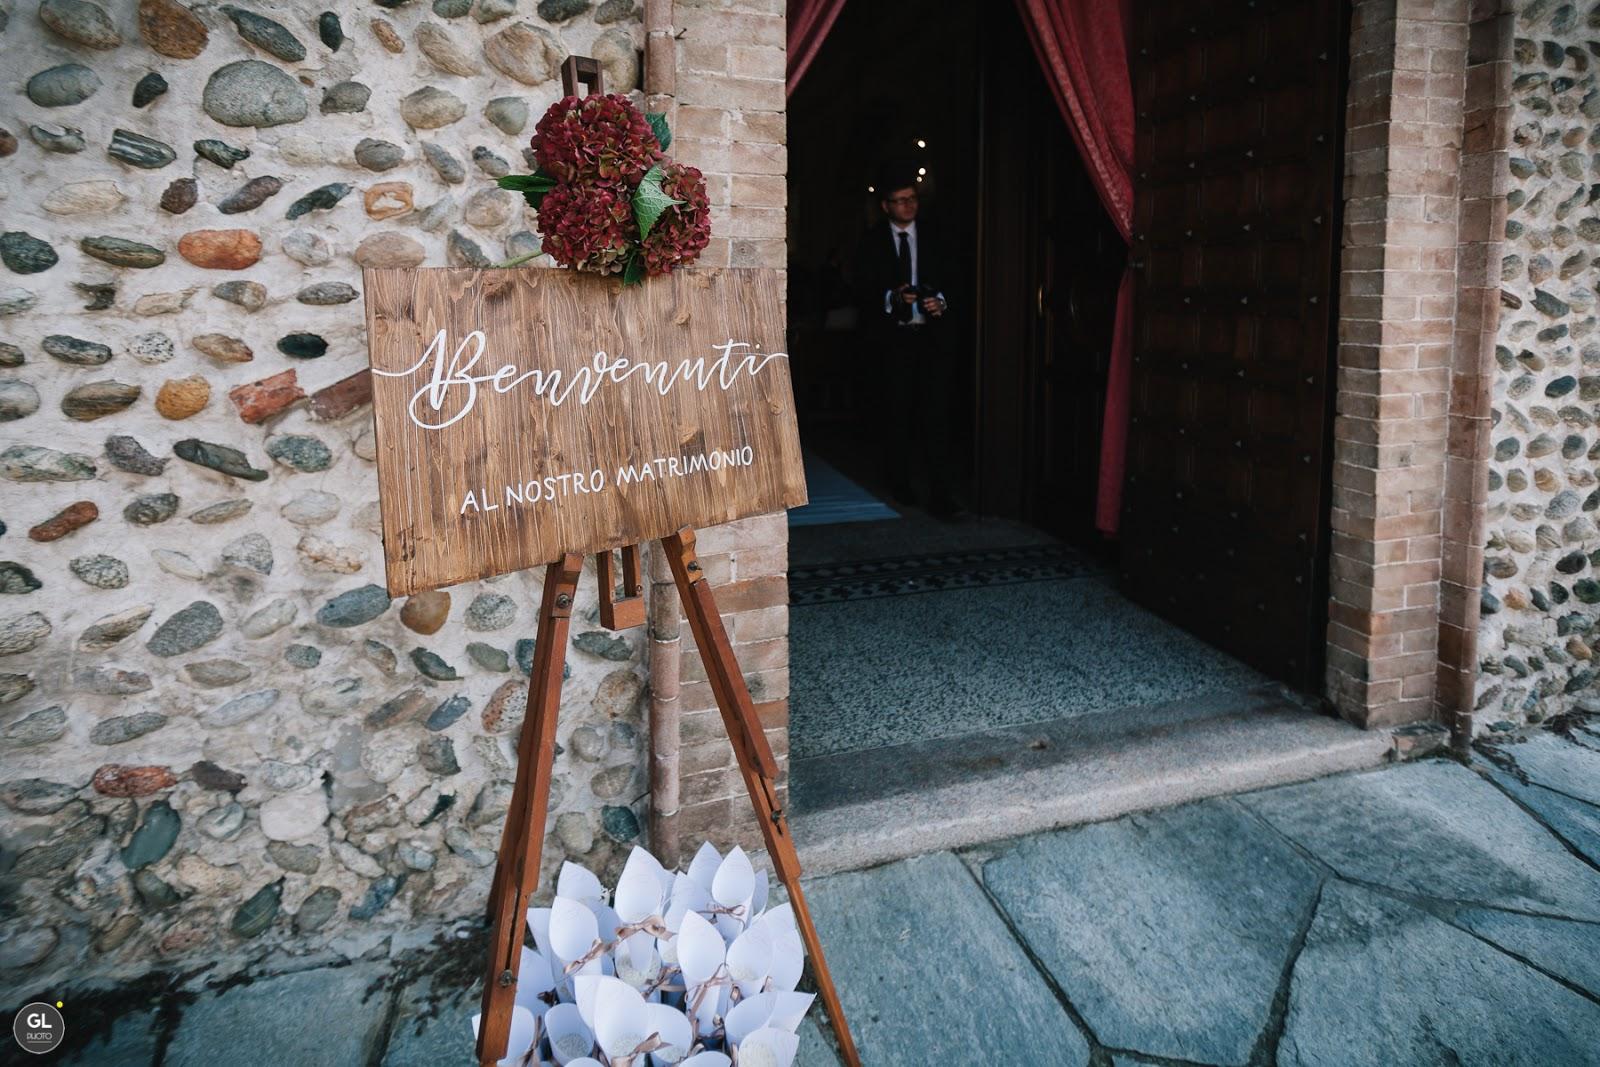 Allestimento esterno chiesa legno rustico